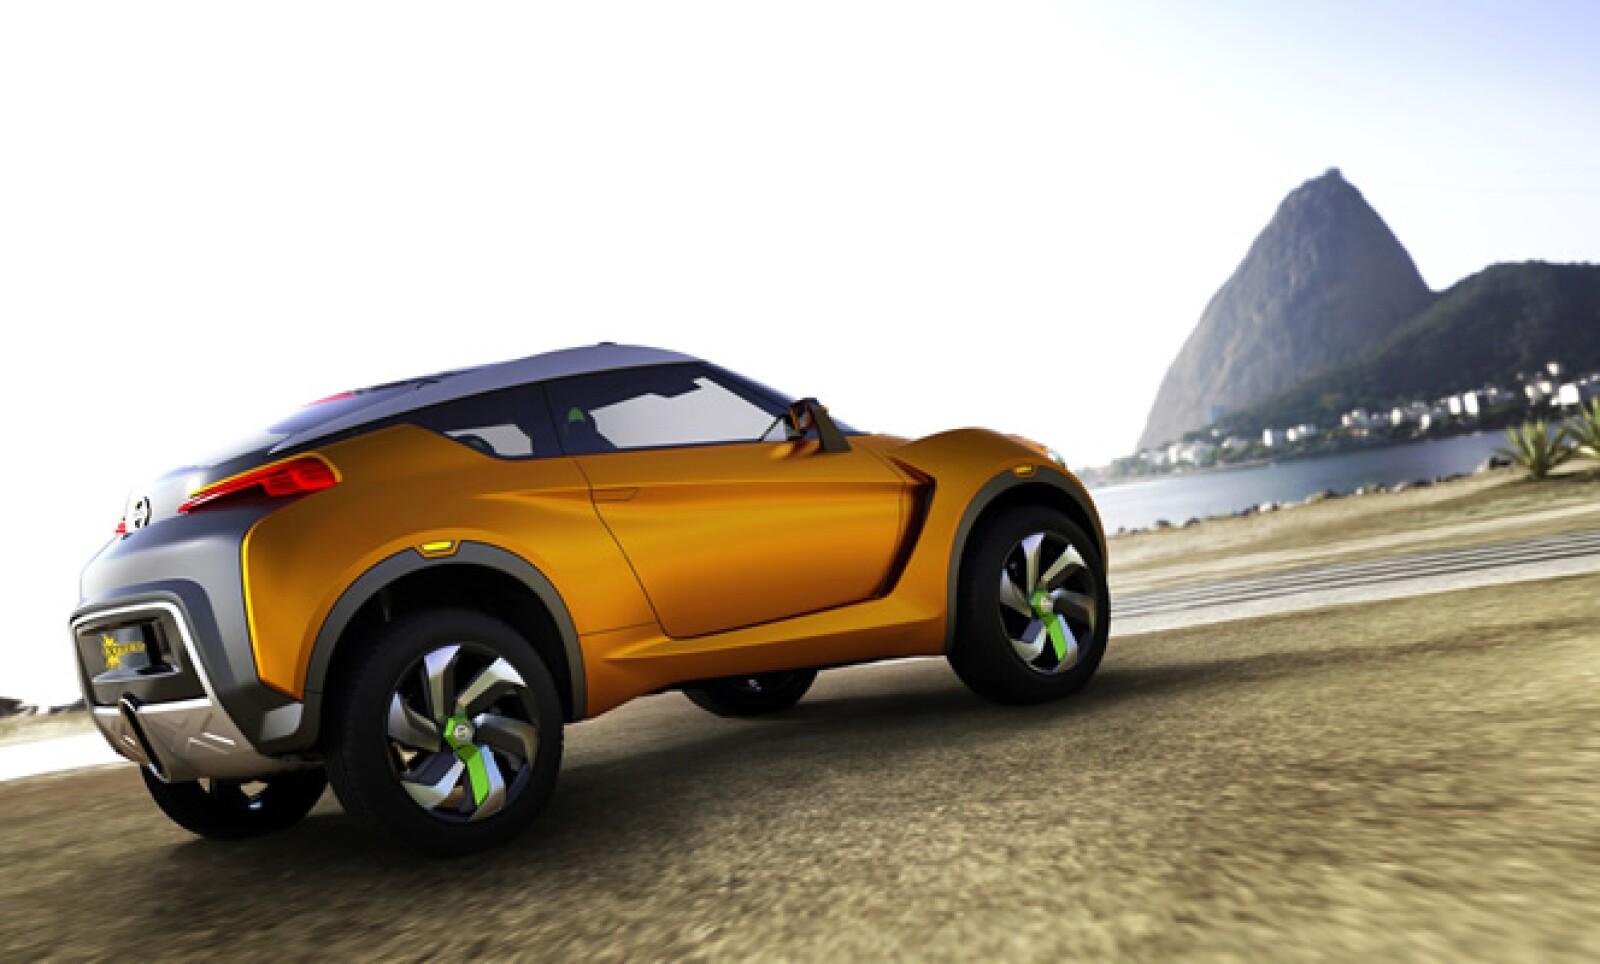 El Extrem fue creado en San Diego, Estados Unidos, en colaboración con diseñadores brasileños, y será producido en la nación carioca.